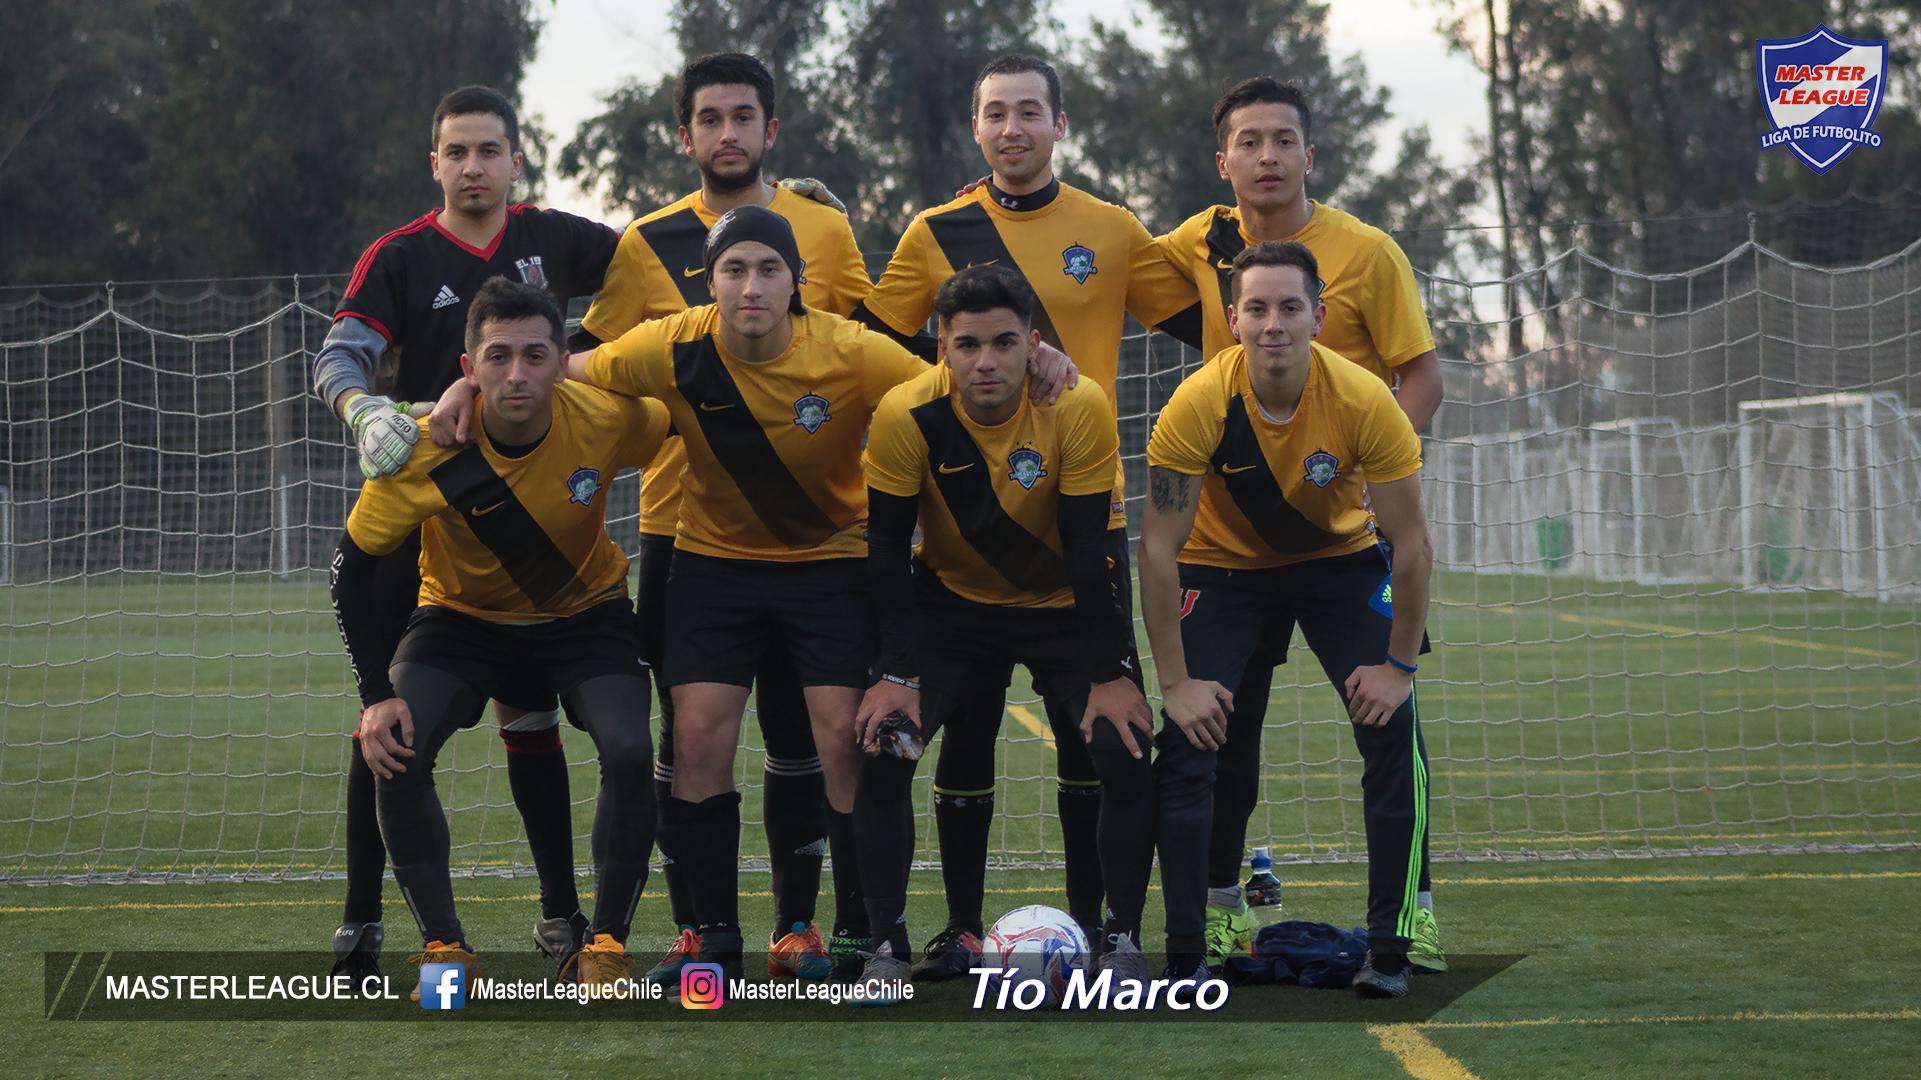 Tío Marco-Master League – Master League